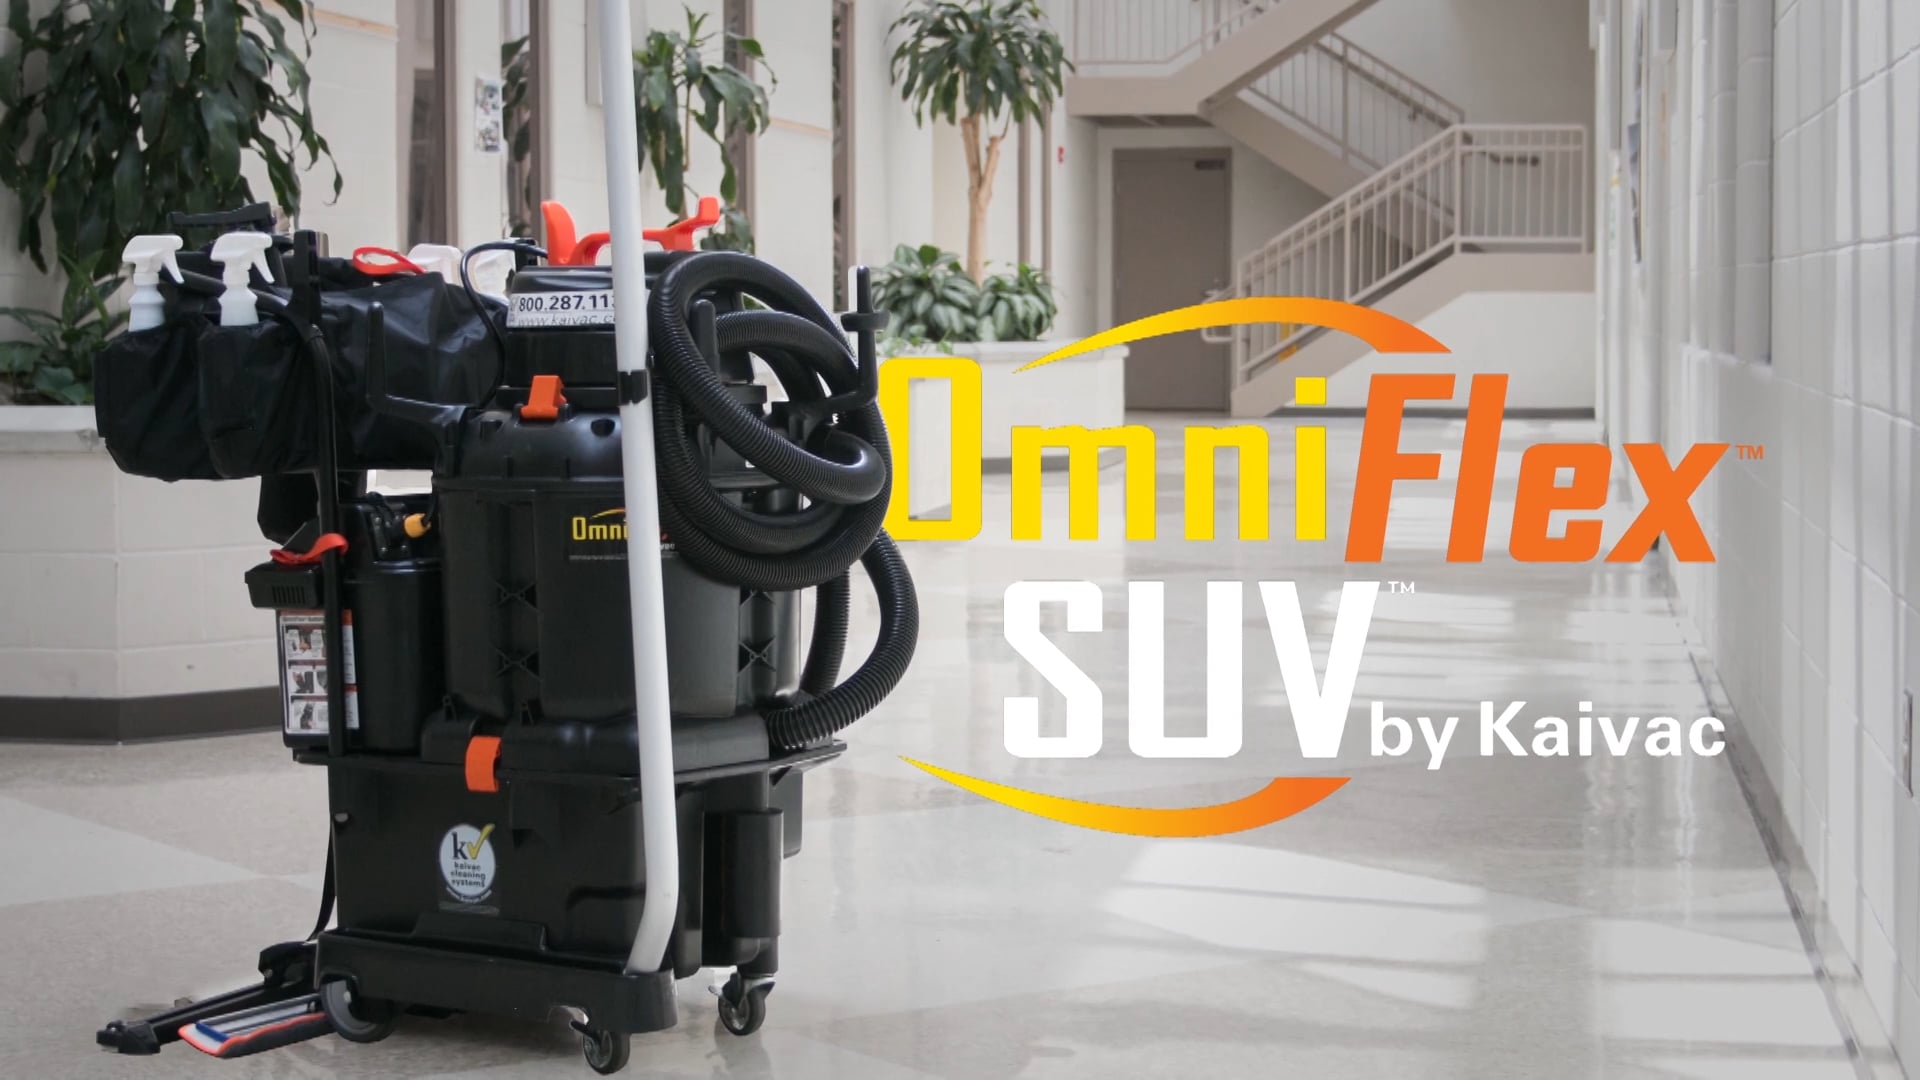 OmniFlex SUV